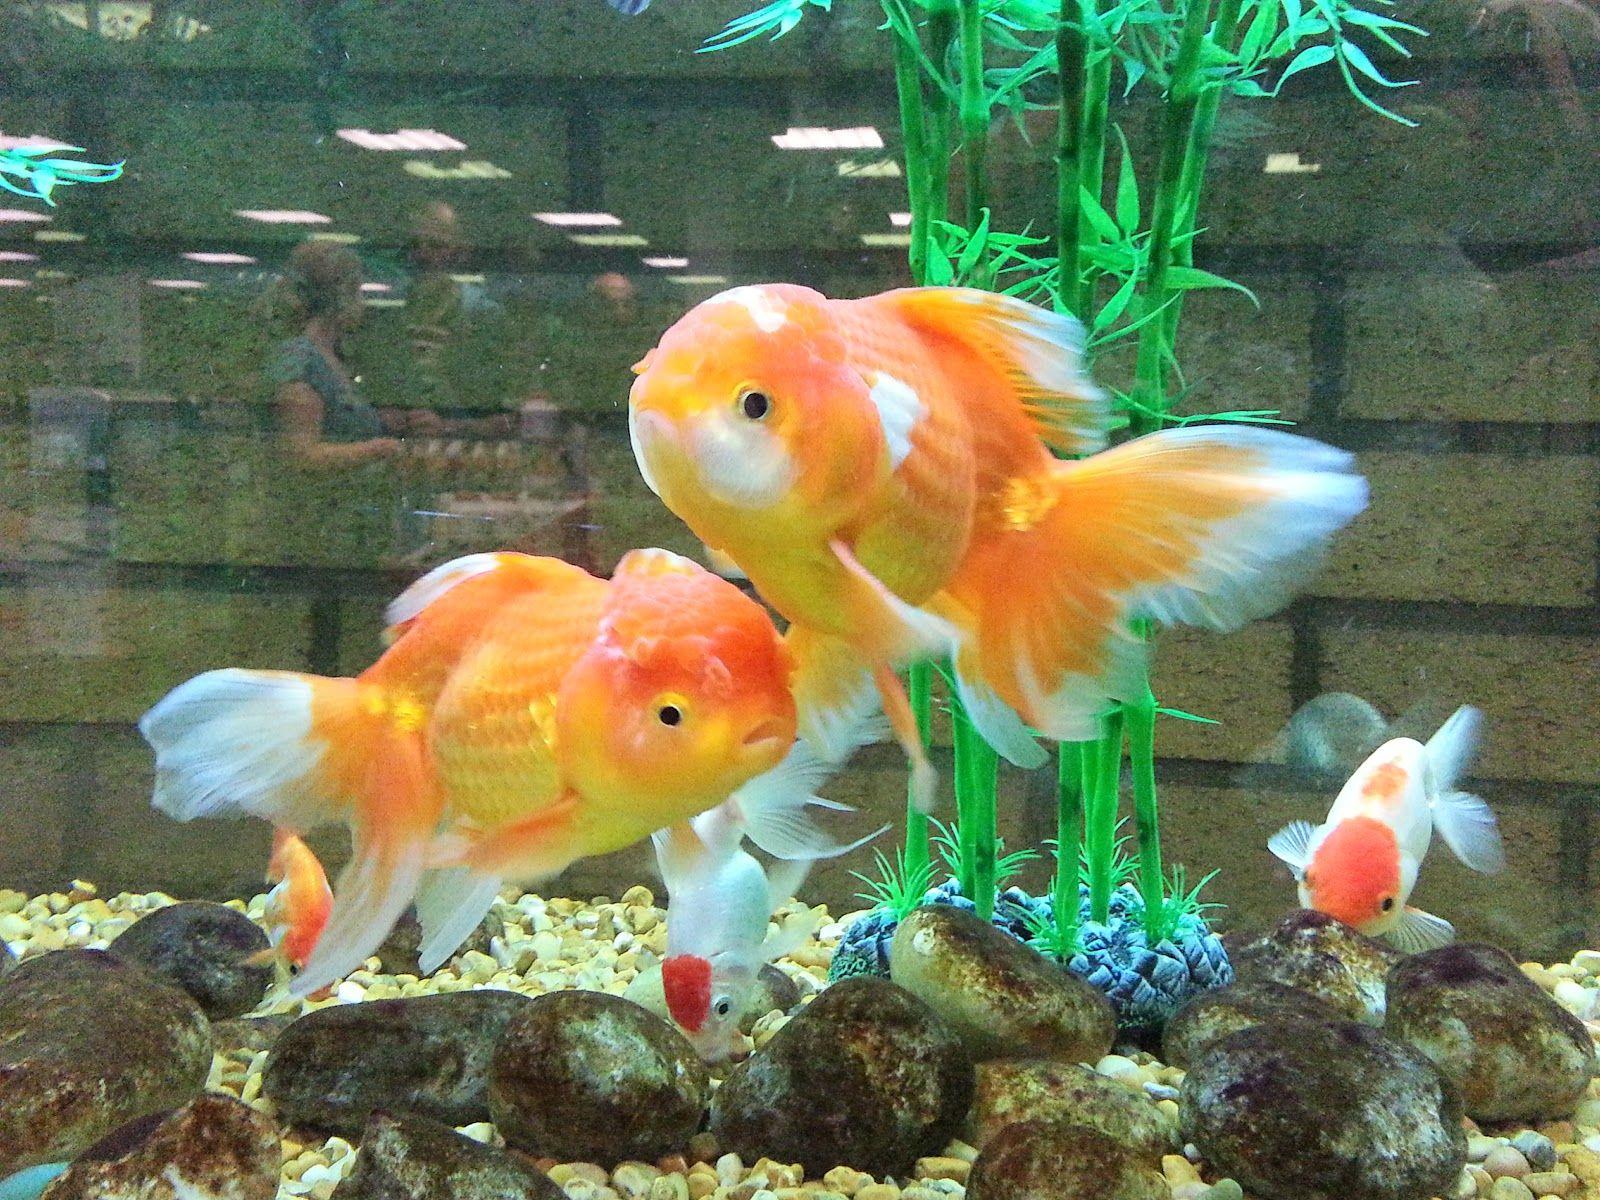 876cdc5bb74dbb583f1e1adcc9bbb146 Frais De Aquarium Osaka Concept